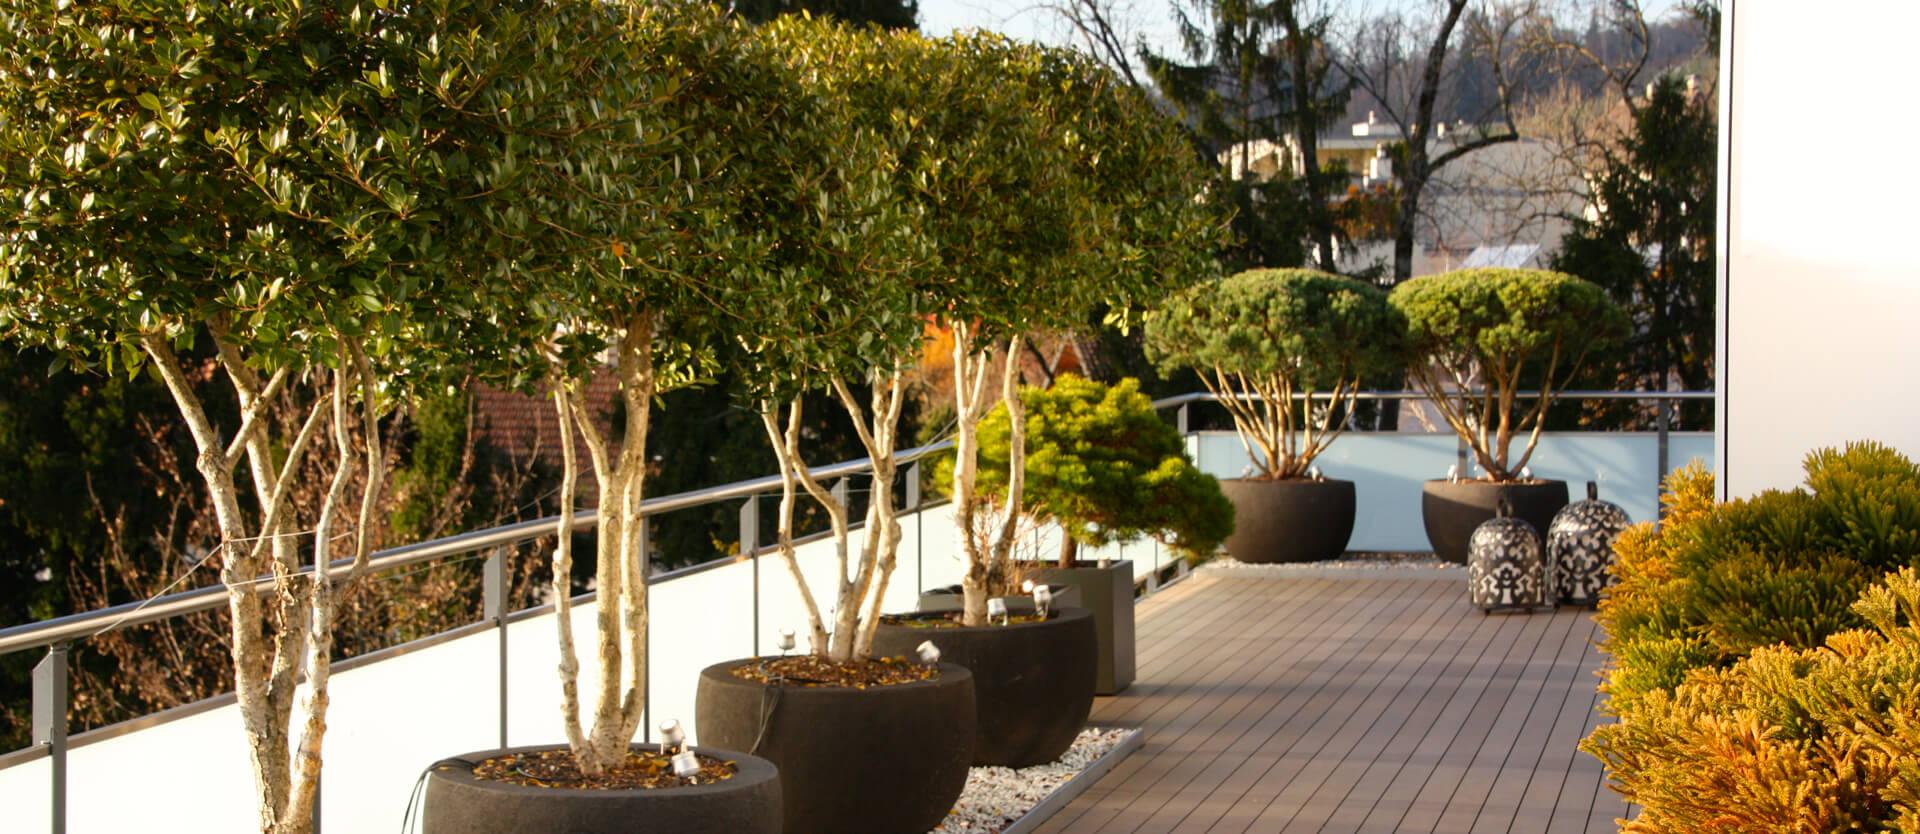 terrassengestaltung parc 39 s gartengestaltung gmbh. Black Bedroom Furniture Sets. Home Design Ideas